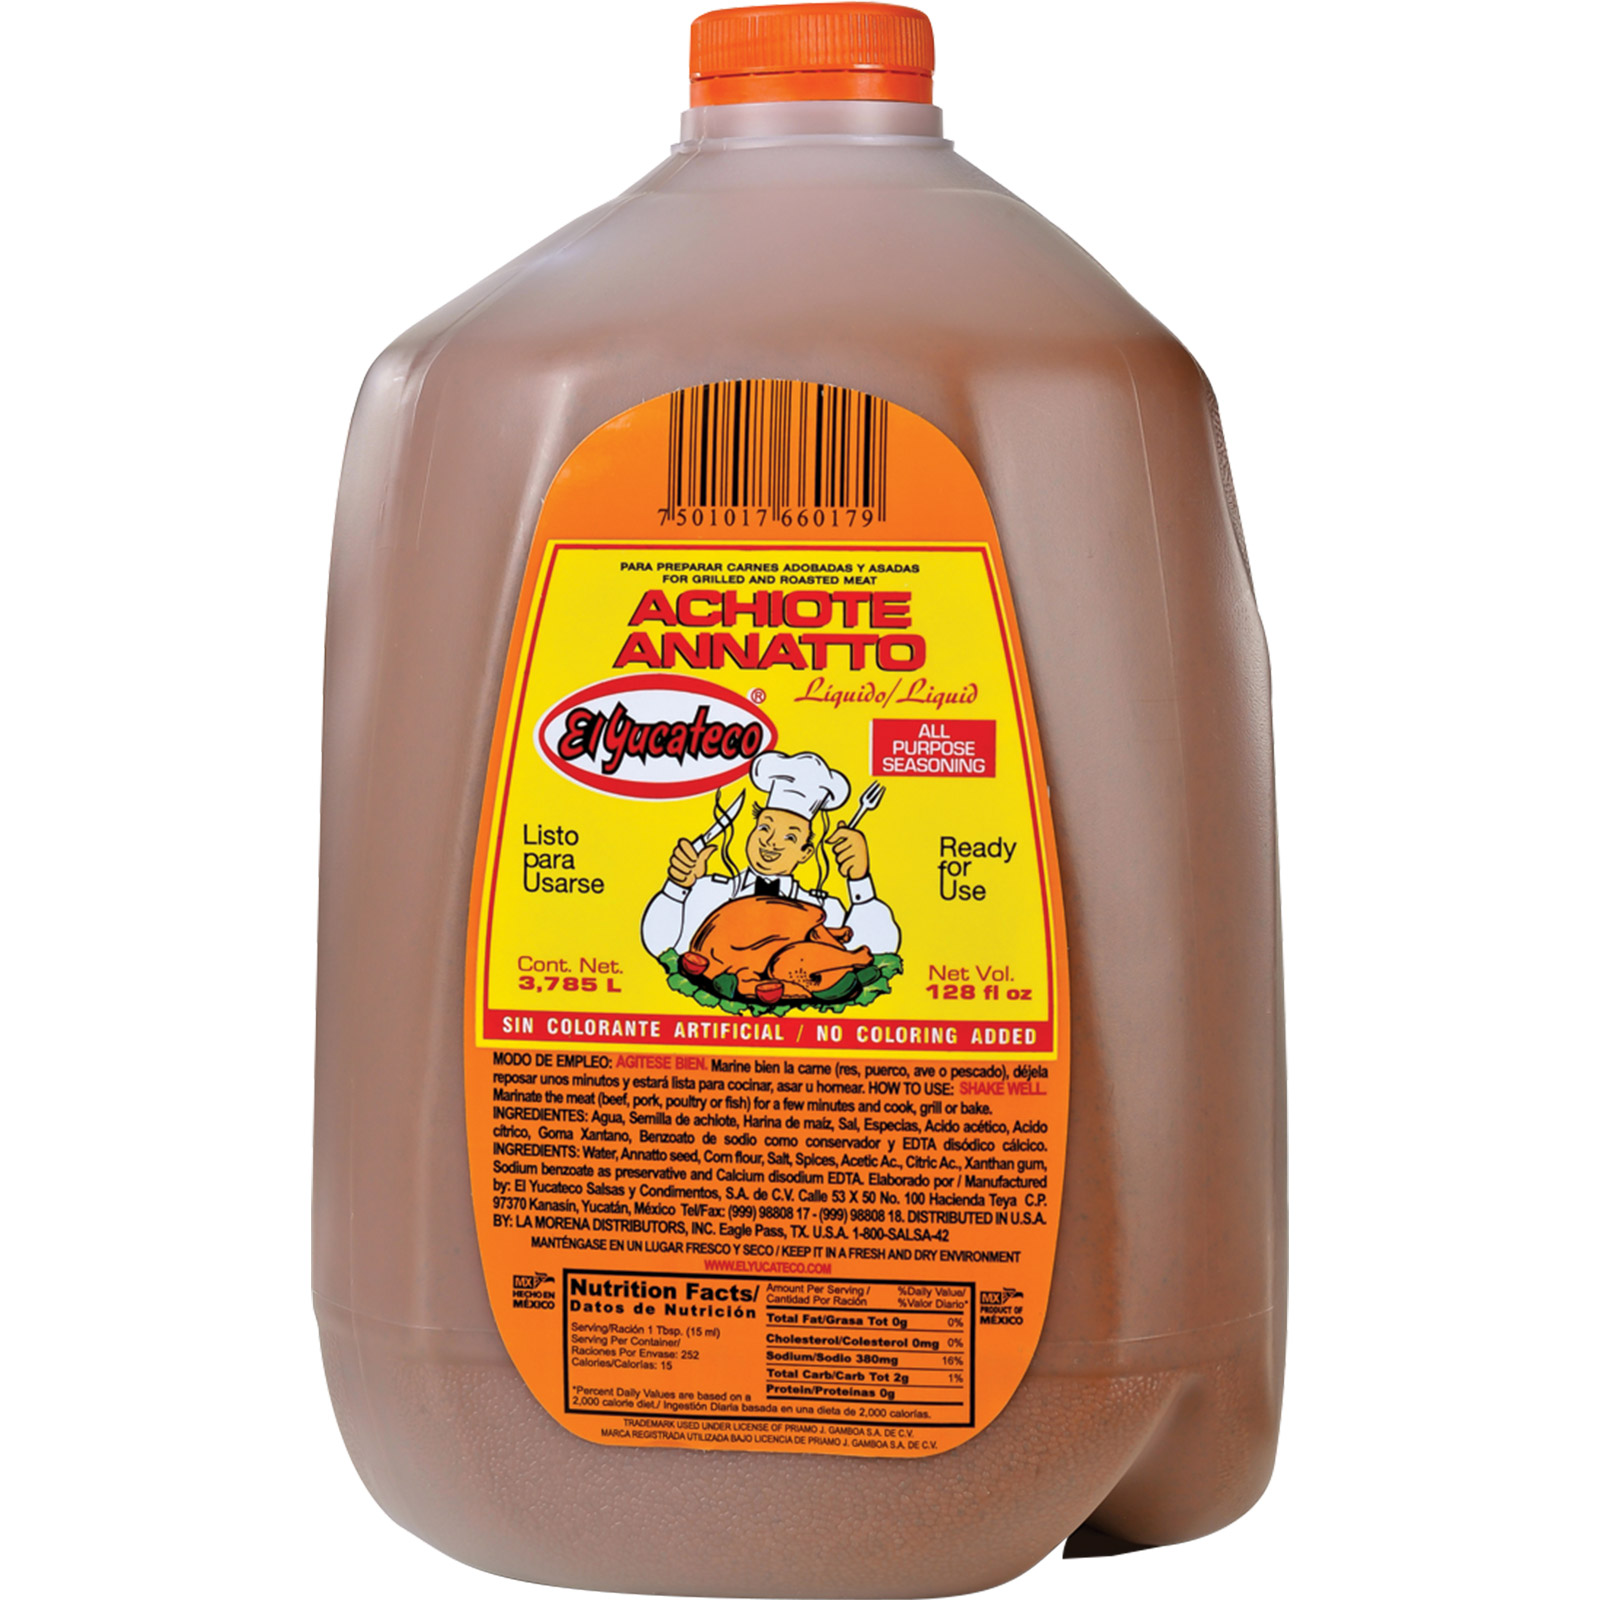 Achiote liquid